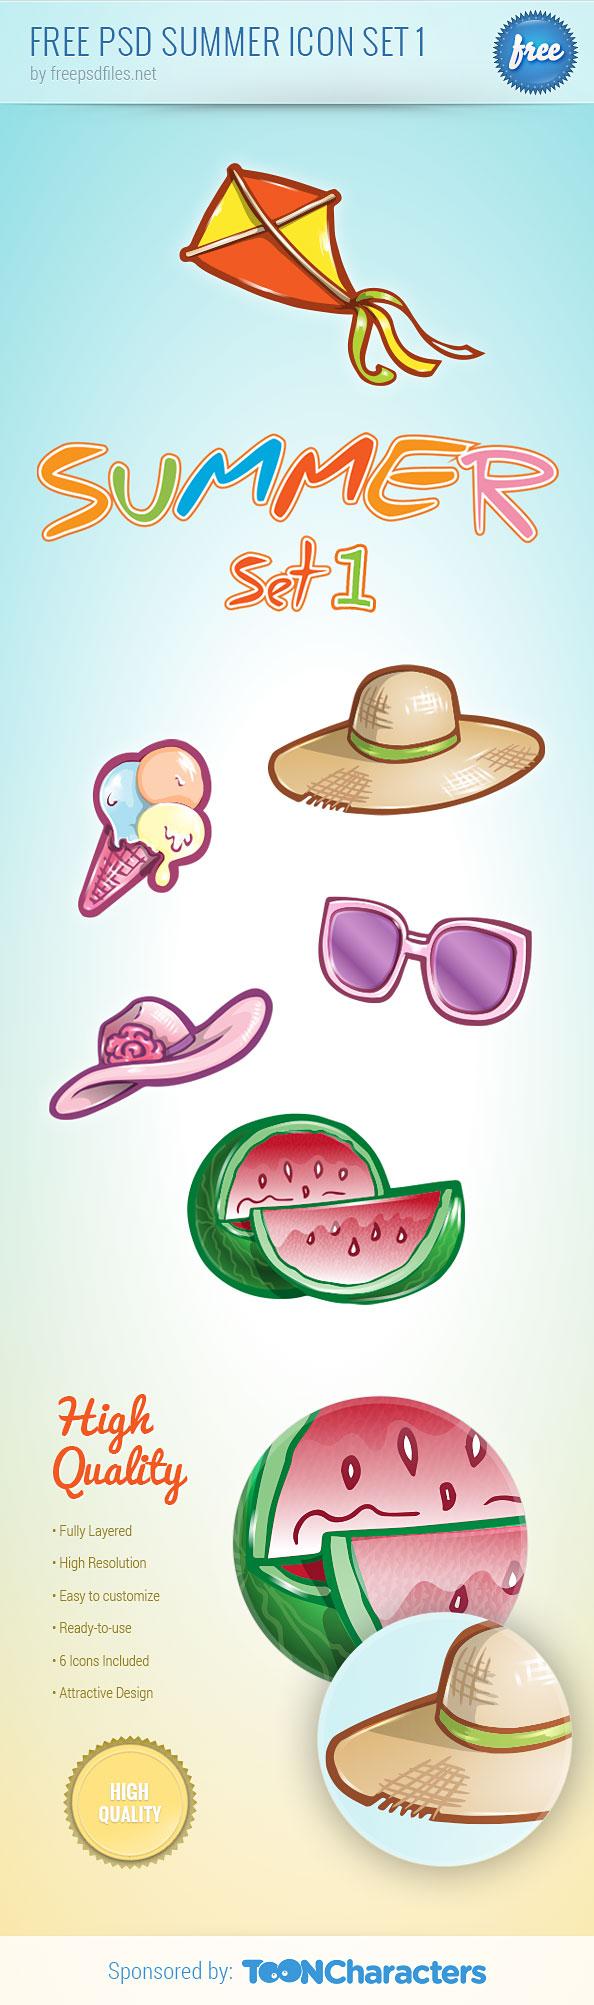 Бесплатный набор летних иконок в формате PSD (часть 1)